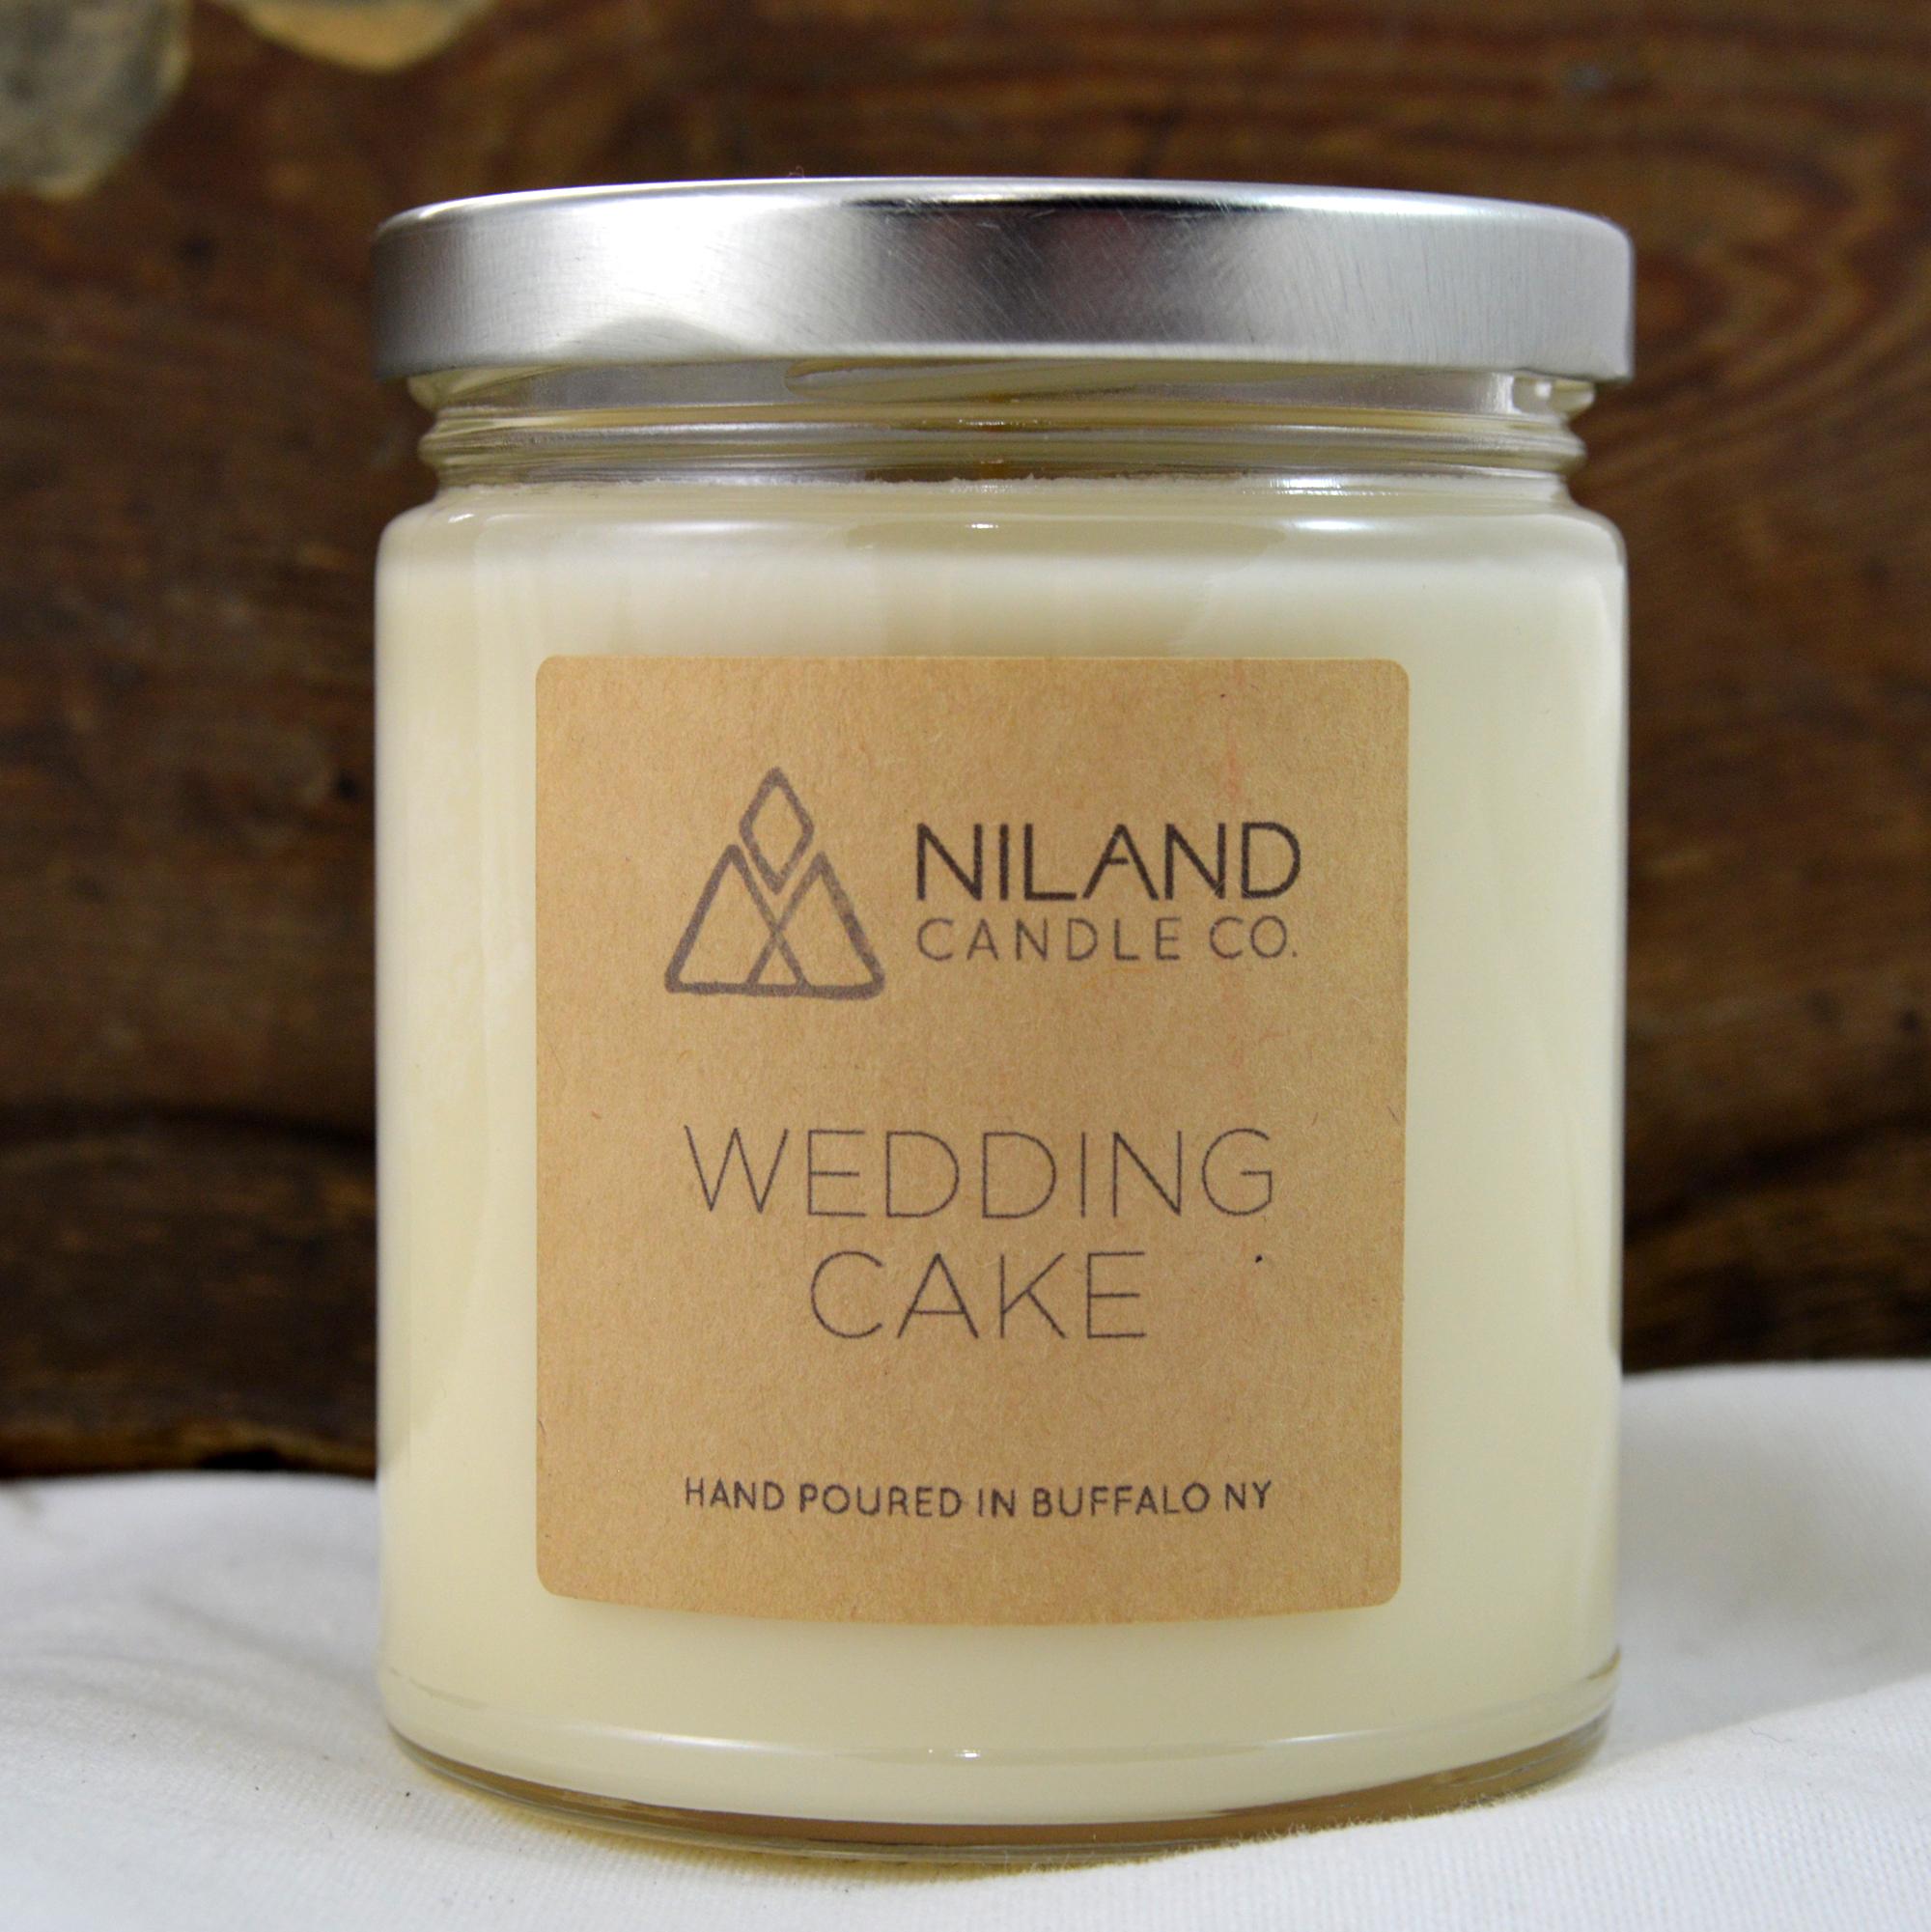 wedding cake soy candle made in buffalo ny gift shop